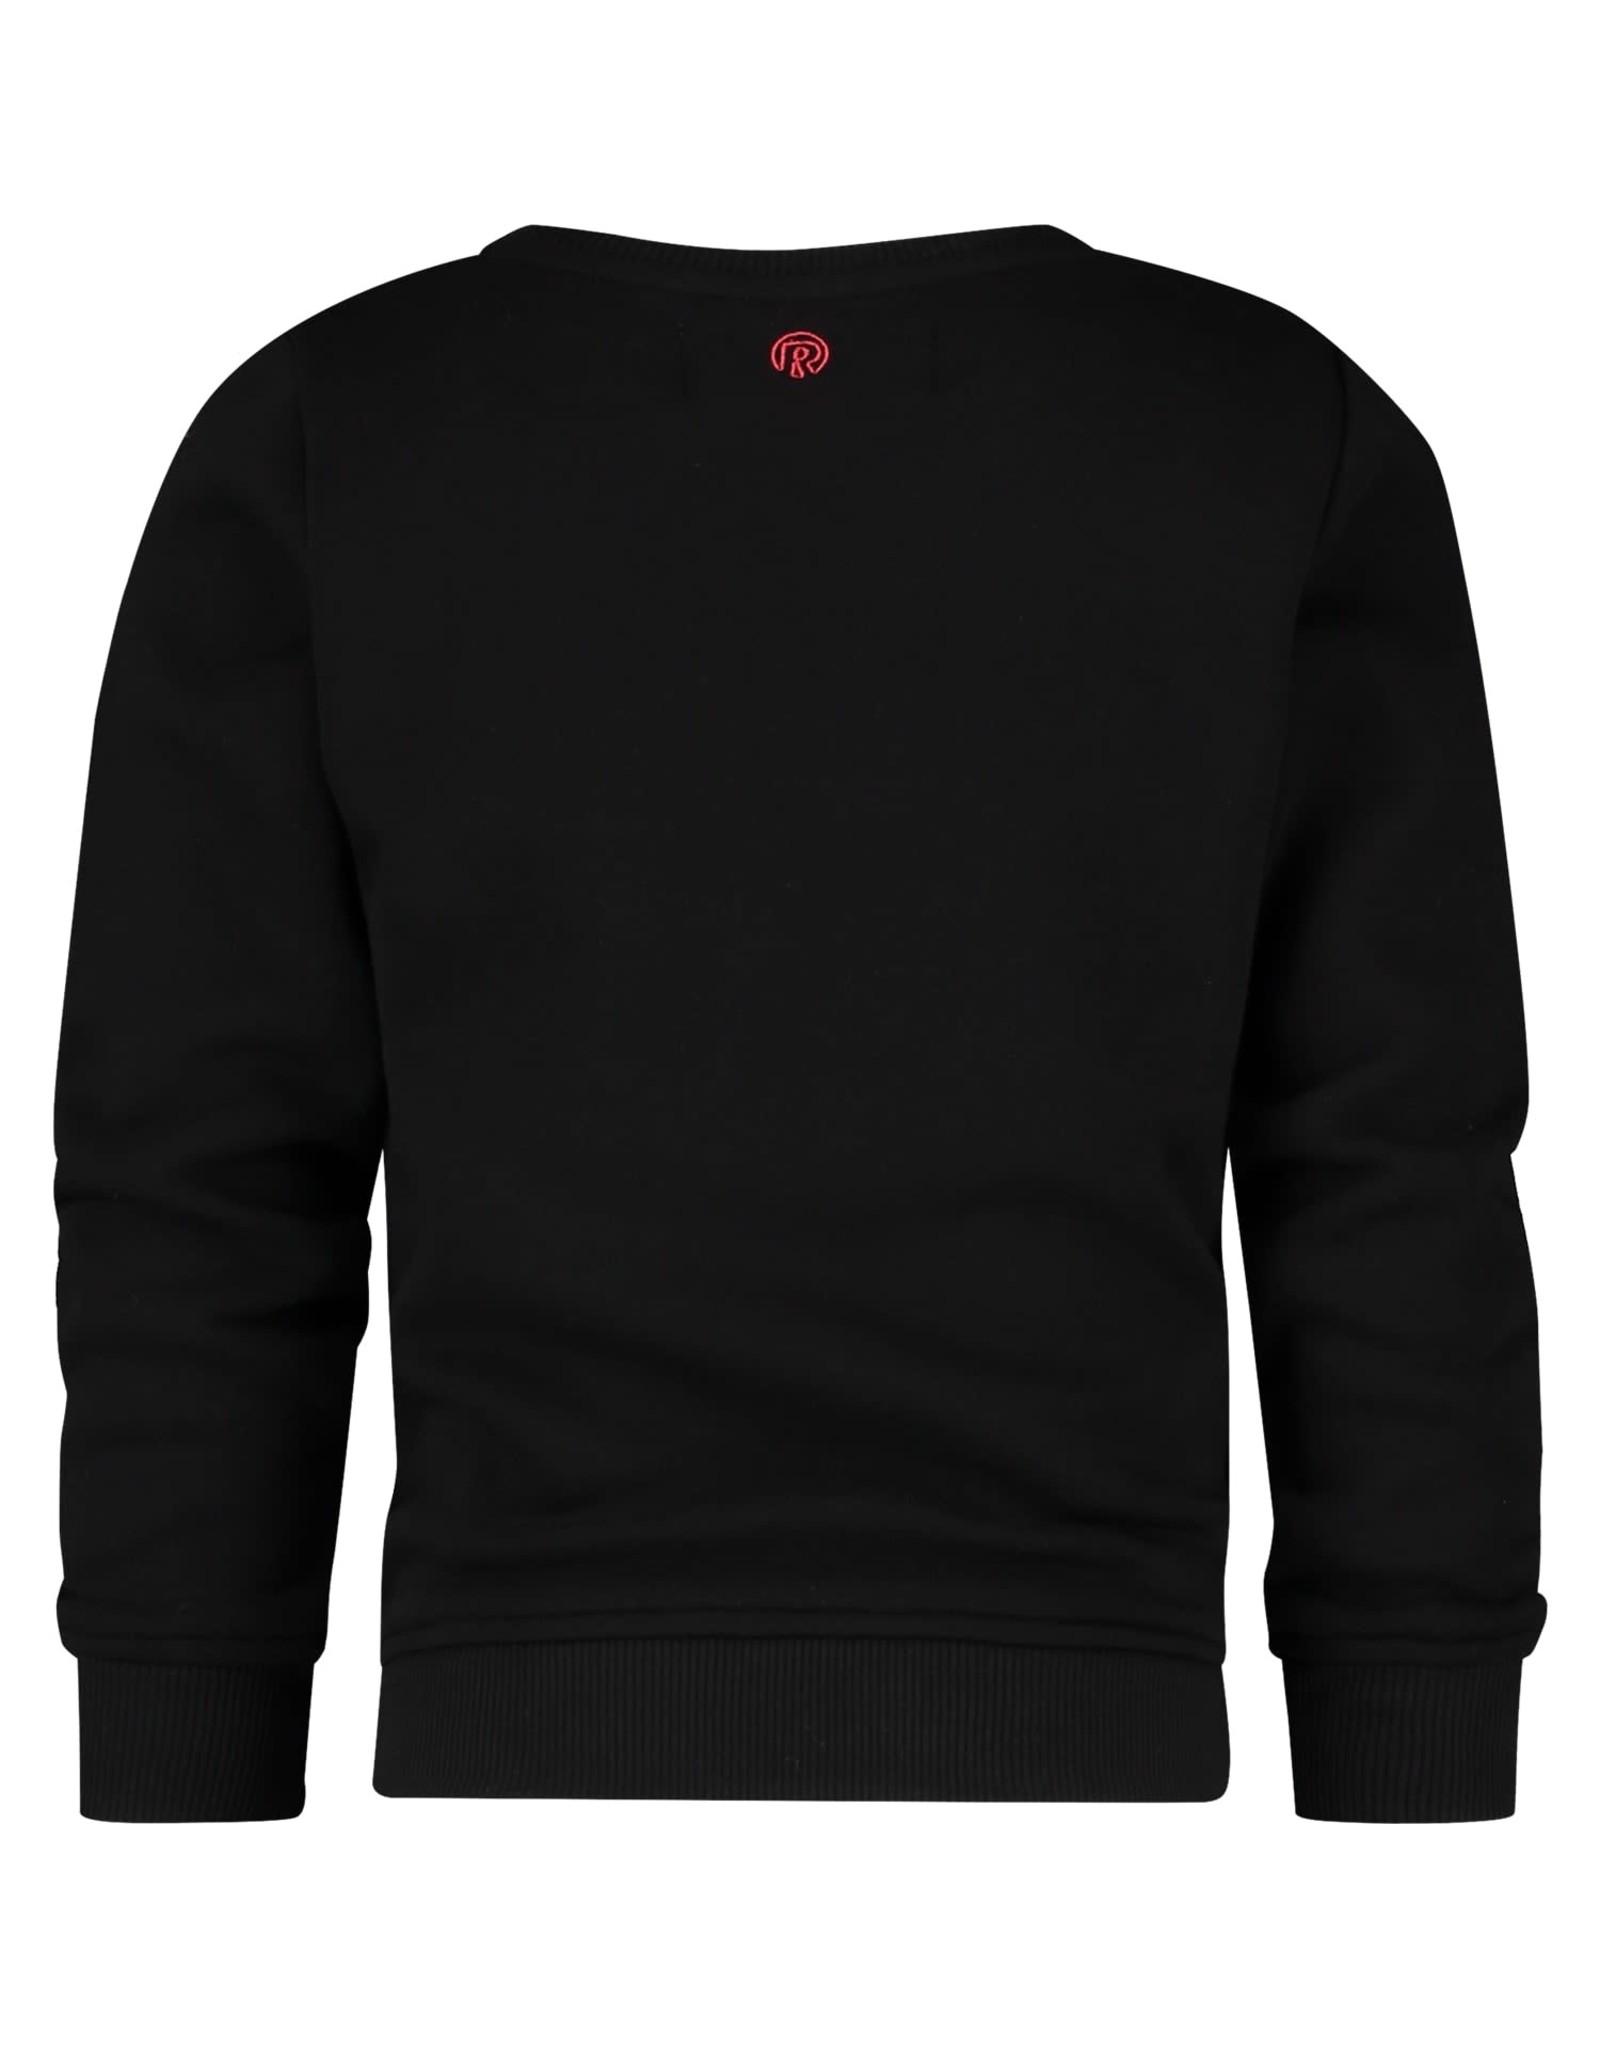 Raizzed Raizzed meiden sweater Valletta Deep Black